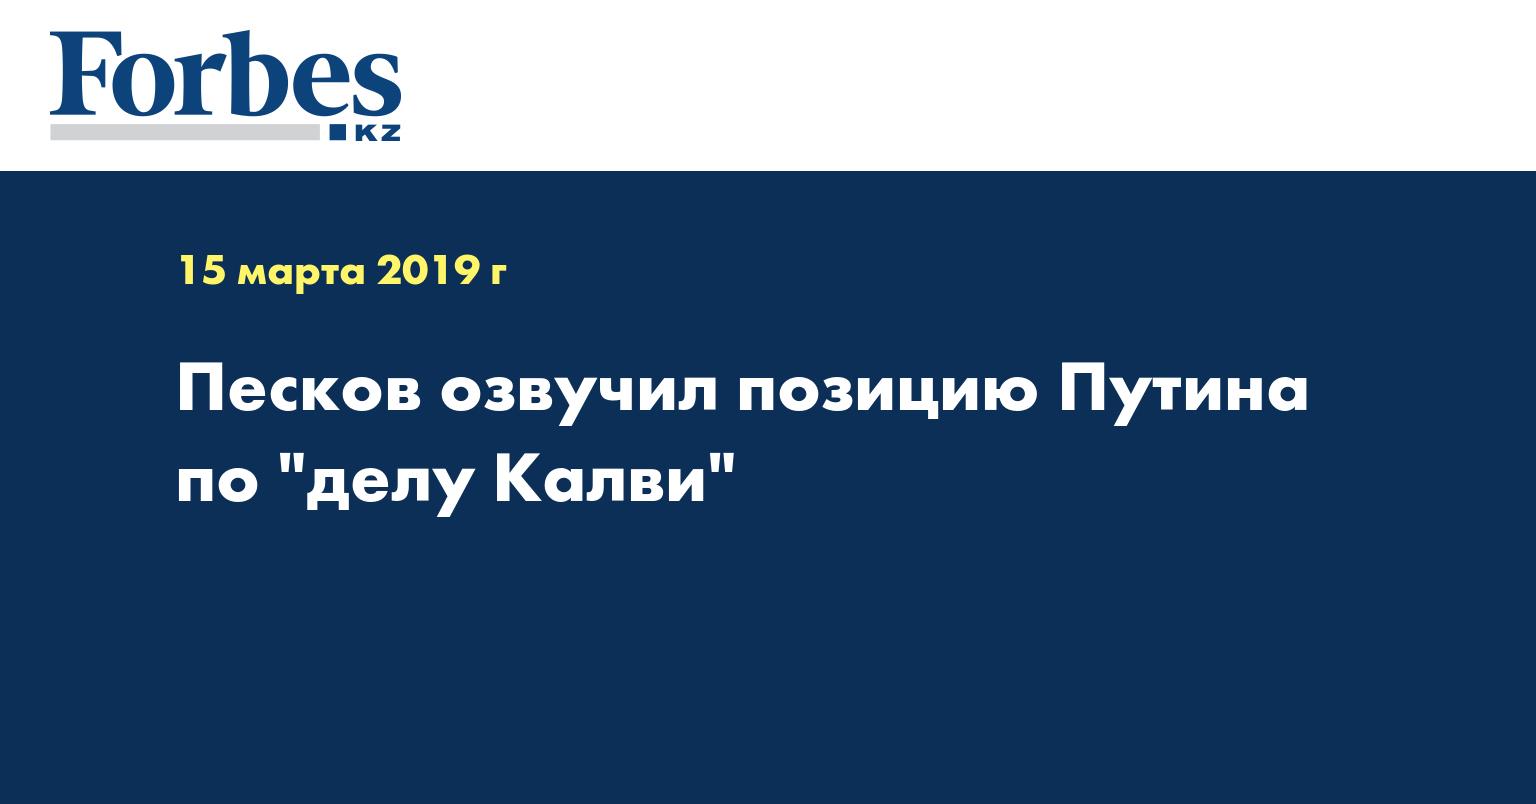 Песков озвучил позицию Путина по